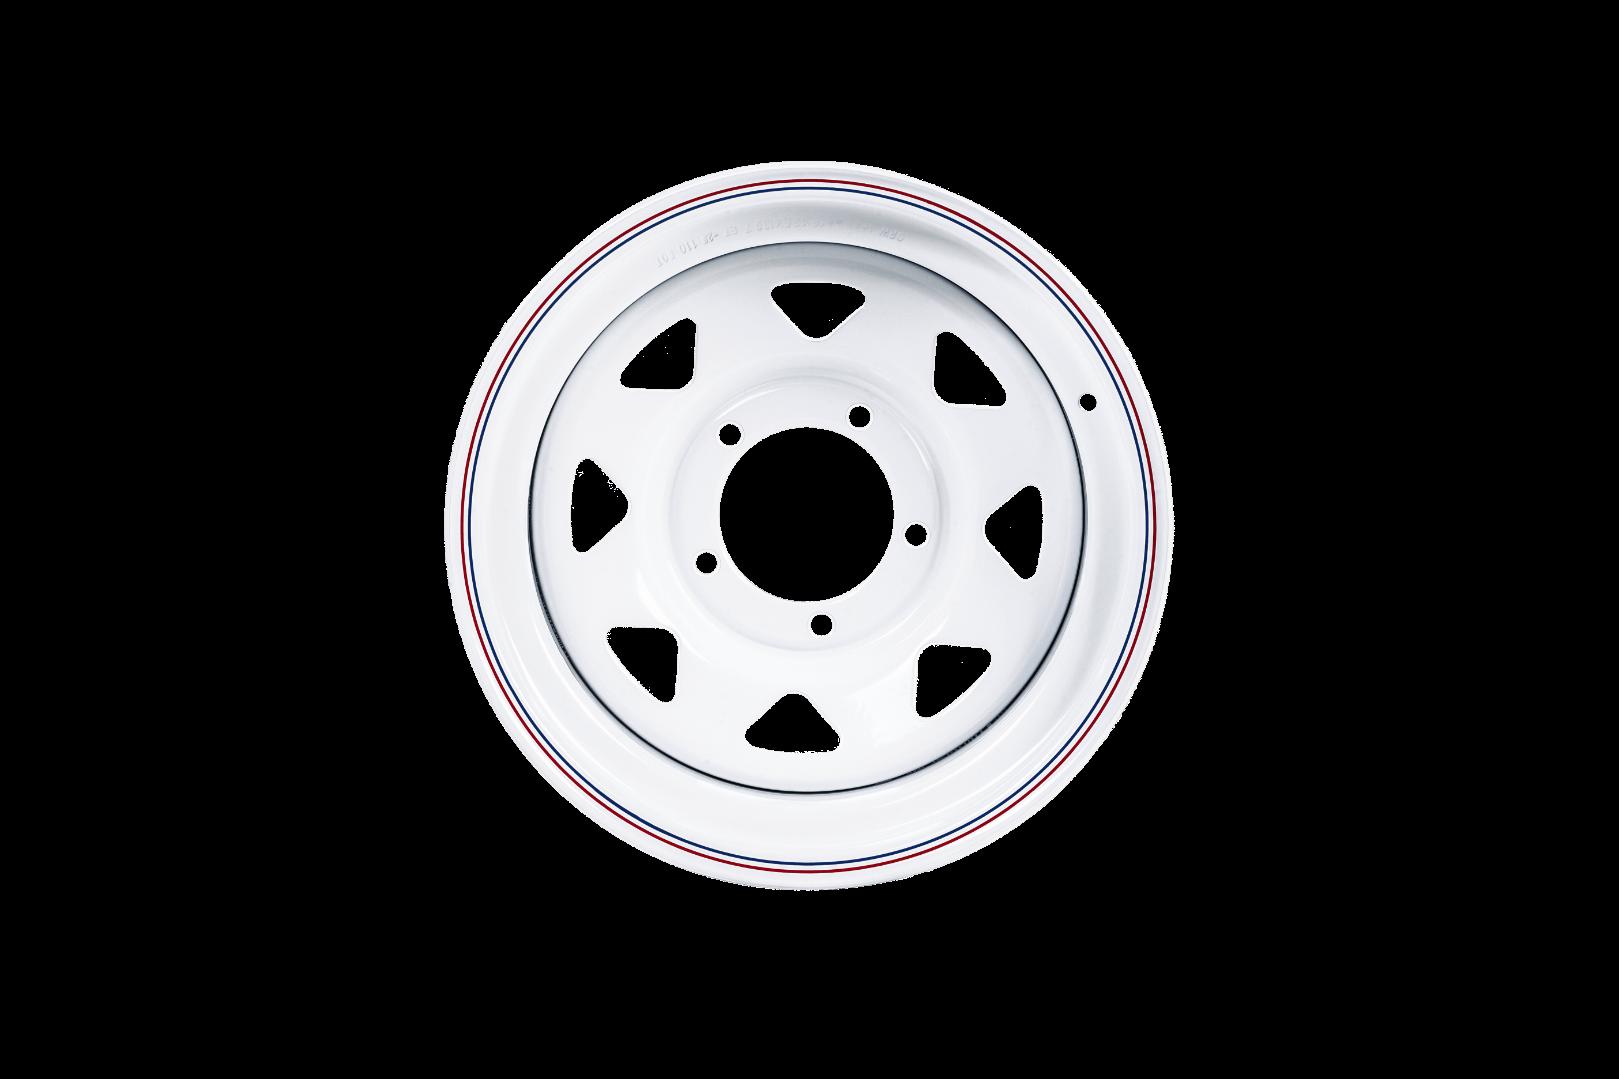 ORW диск усиленный стальной УАЗ 16x10 5x139.7 d110 ET-44 белый №77